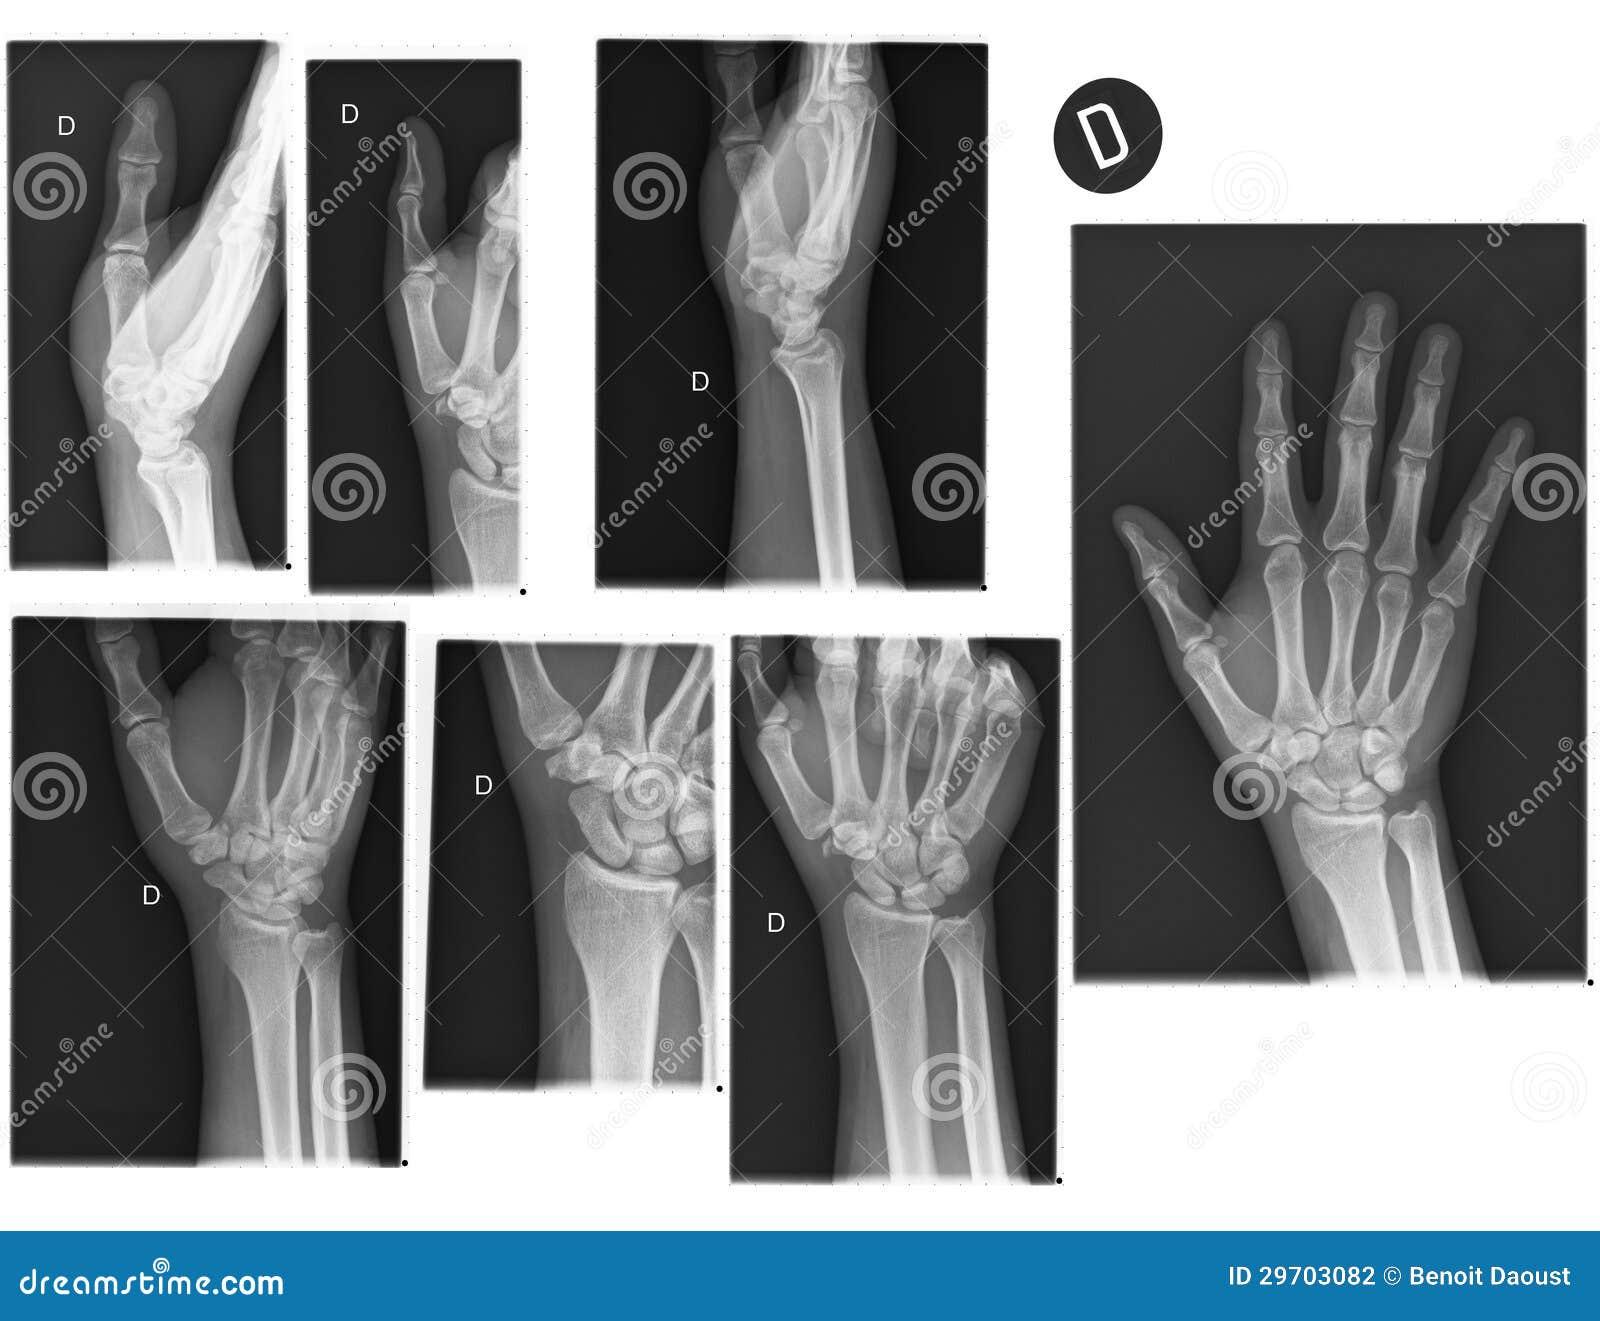 Ungewöhnlich Hand Und Handgelenk Knochen Anatomie Ideen ...